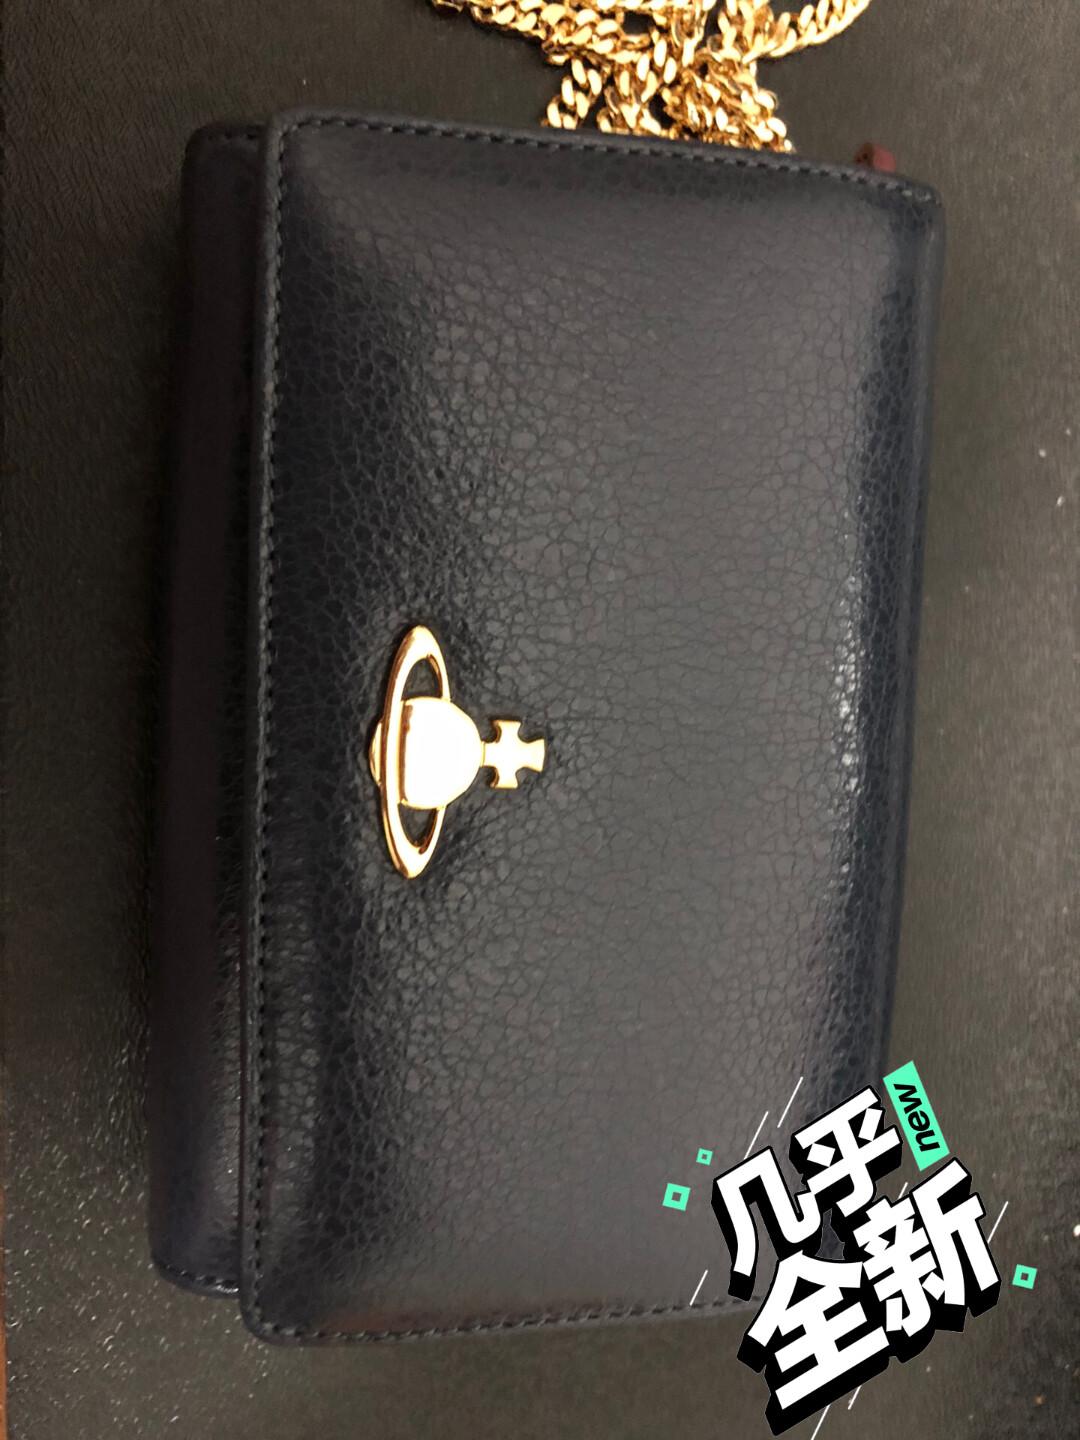 西太后 Westwood小土星钱包,几乎全新,链条是自己配的